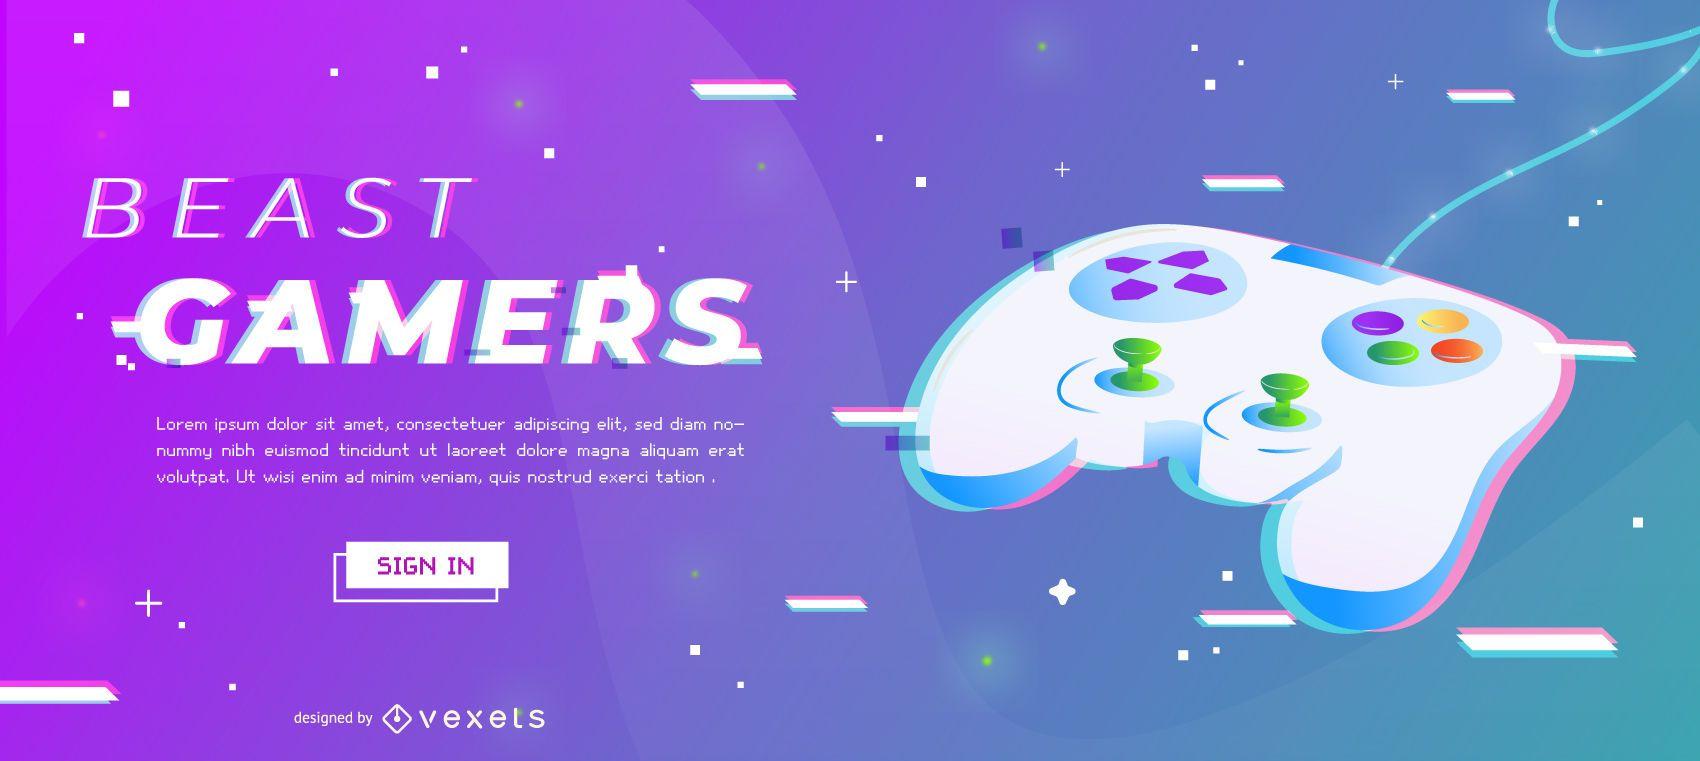 Beast Gamers Slider Design